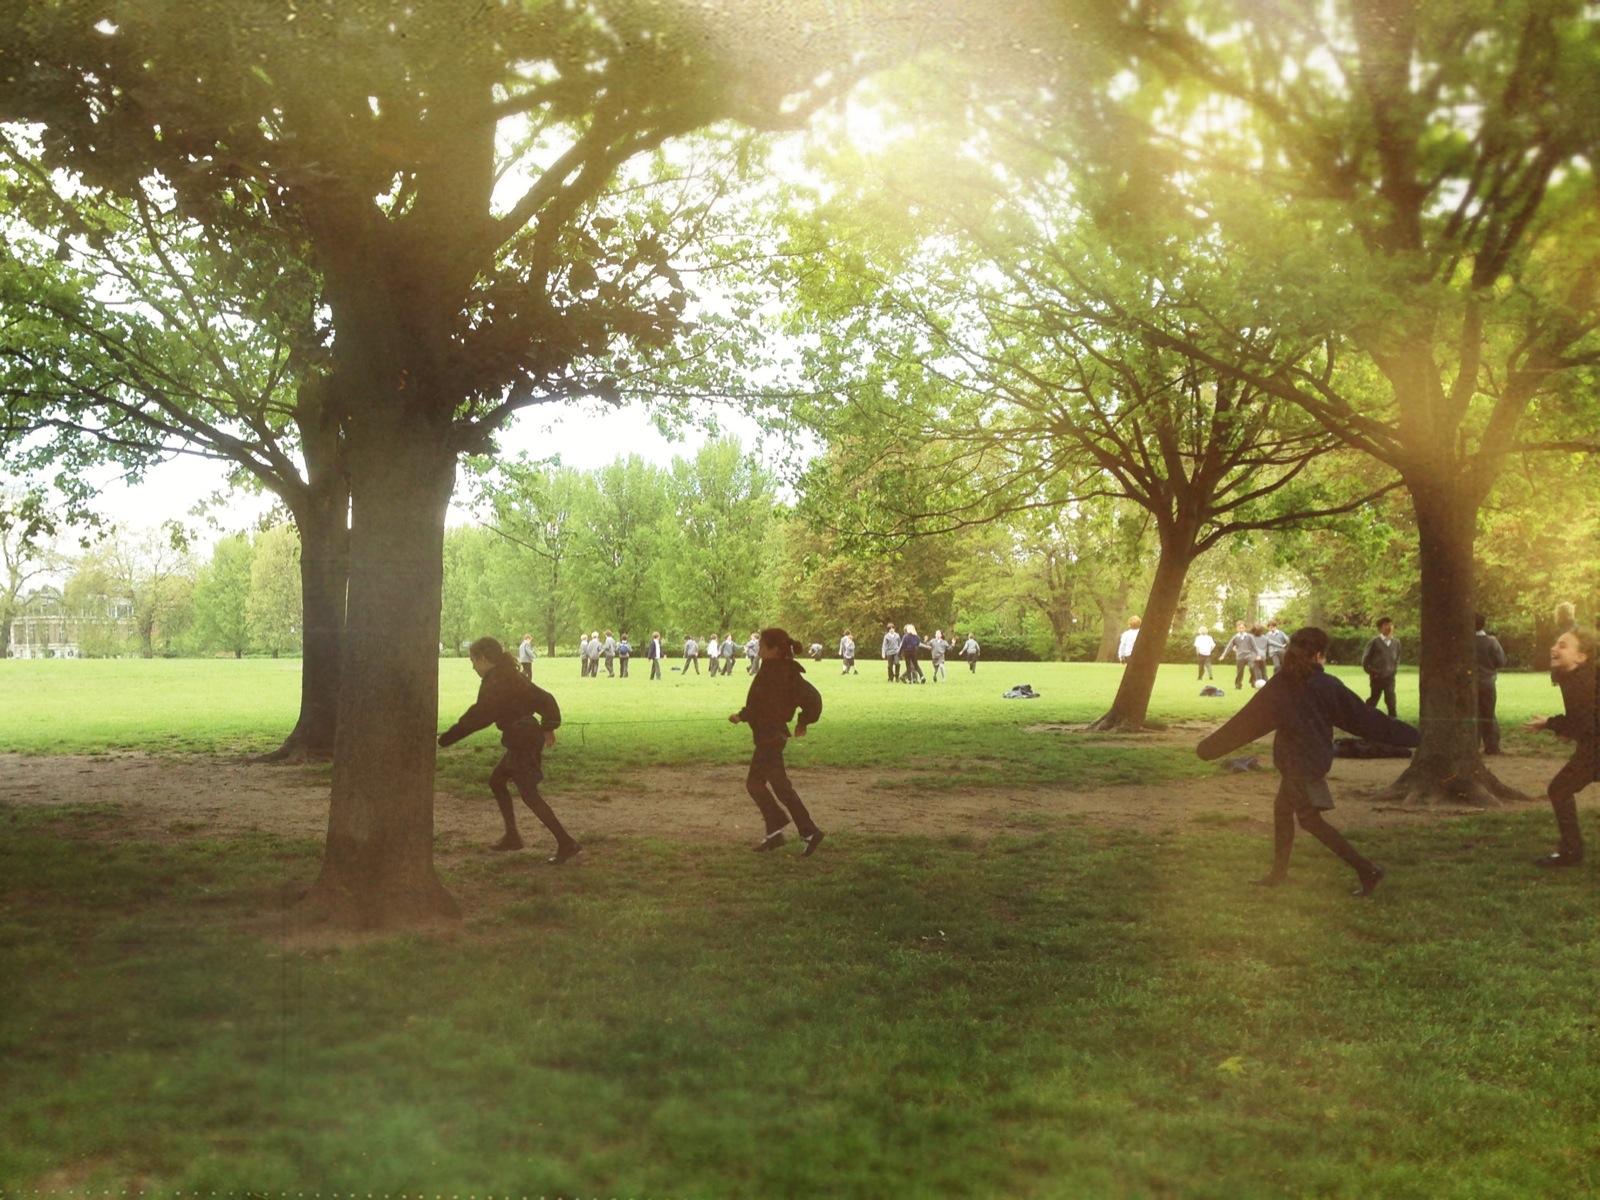 Escena de parque